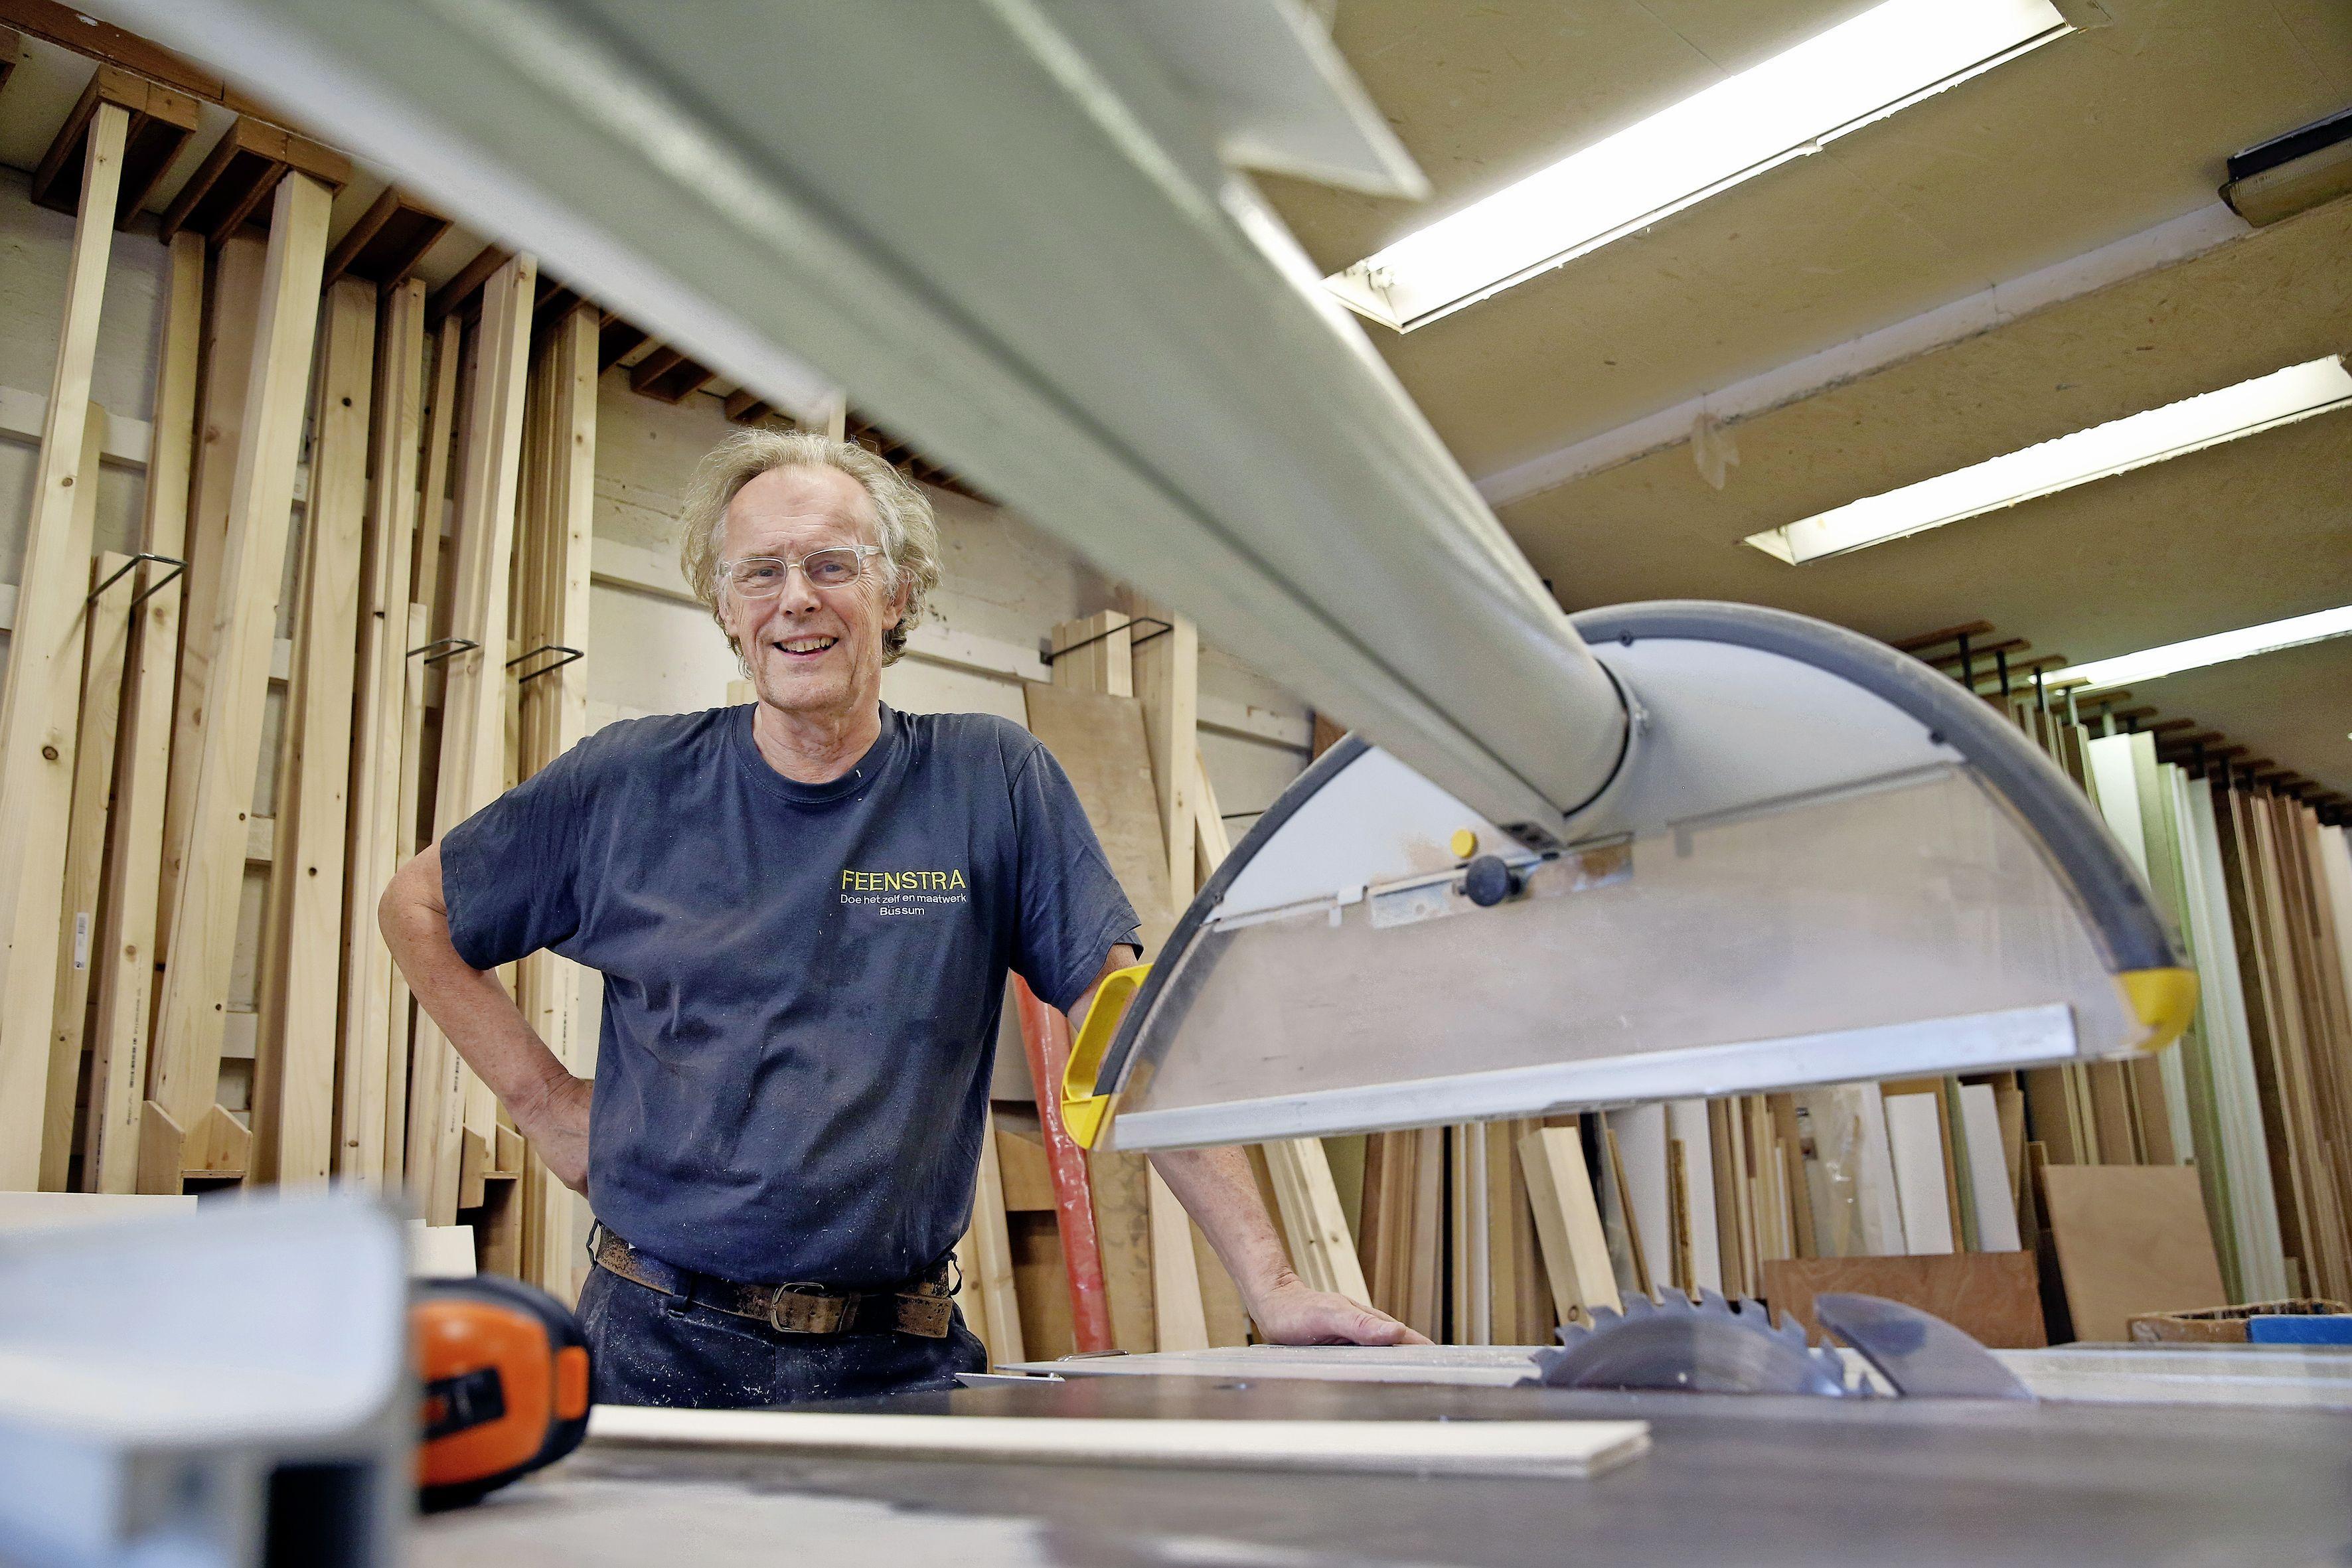 Bussum moet verder zonder de doe-het-zelf-winkel Feenstra. 'Alles wat hij zaagde was op maat. Hij was echt een tovenaar met hout'